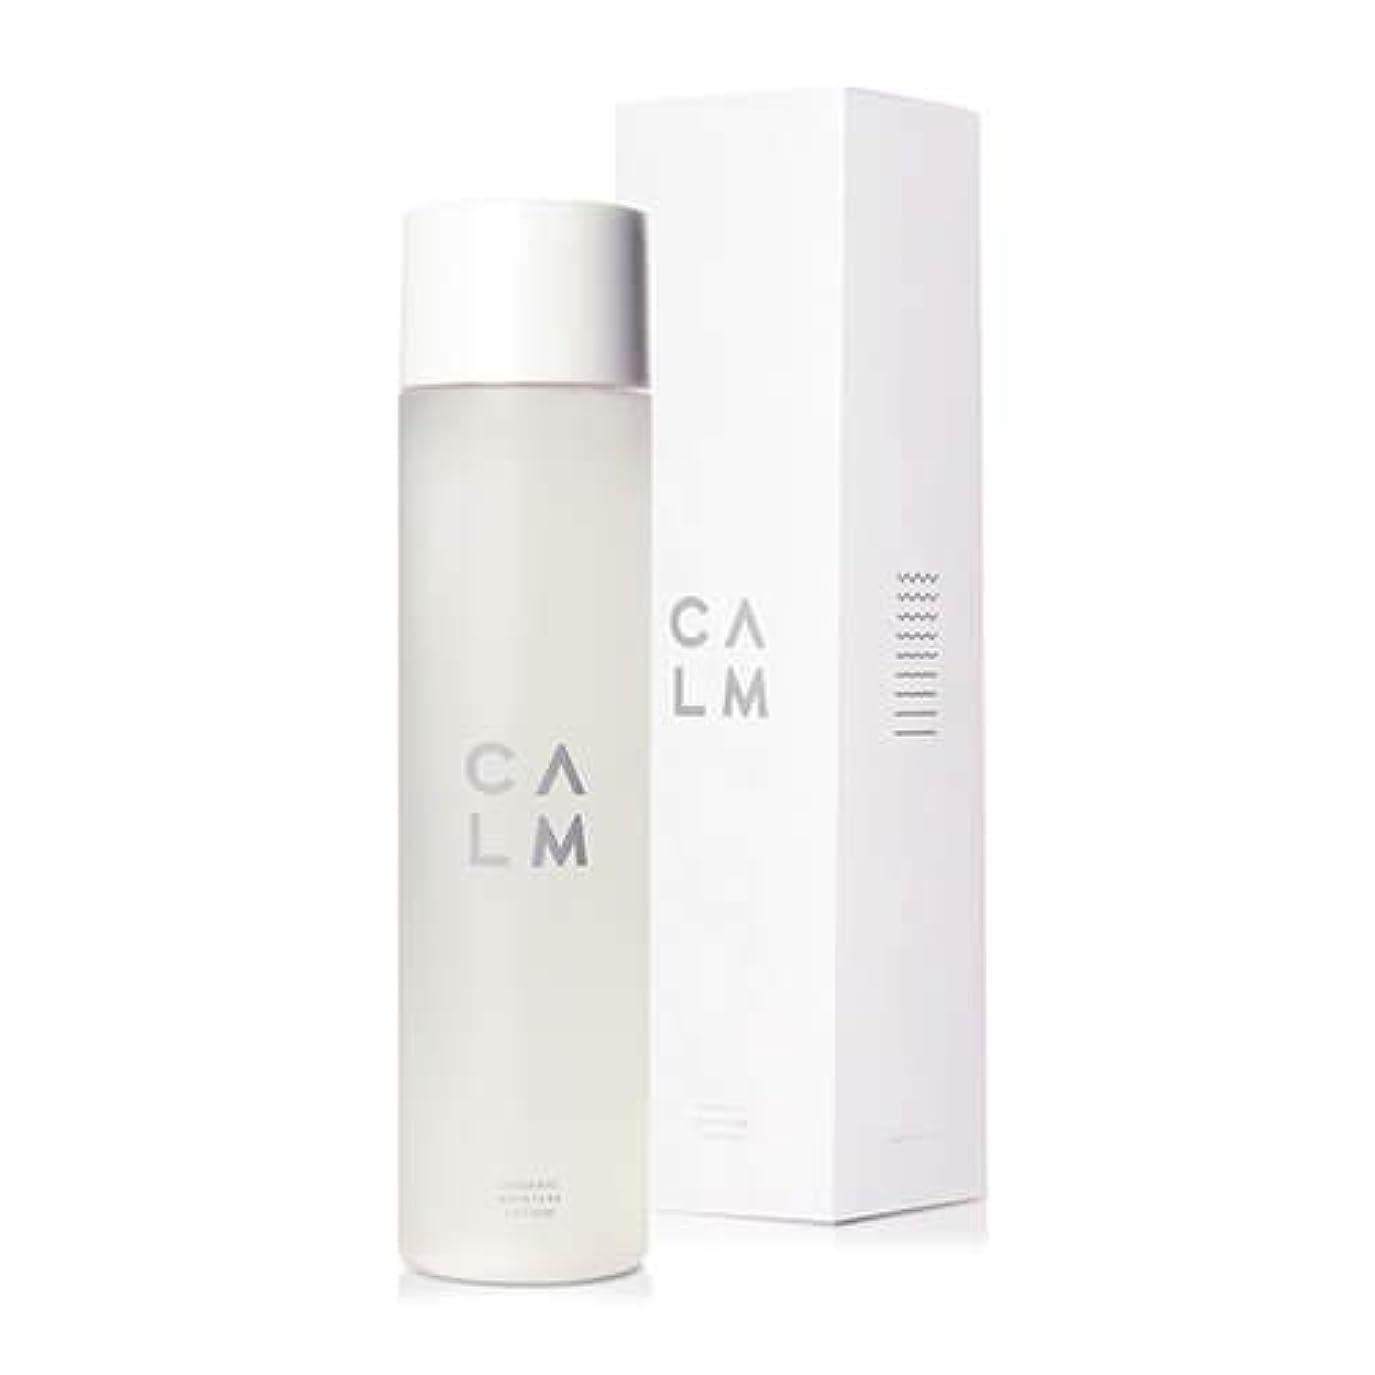 マウス干し草羊のカーム CALM モイスチャーローション (化粧水) 150ml